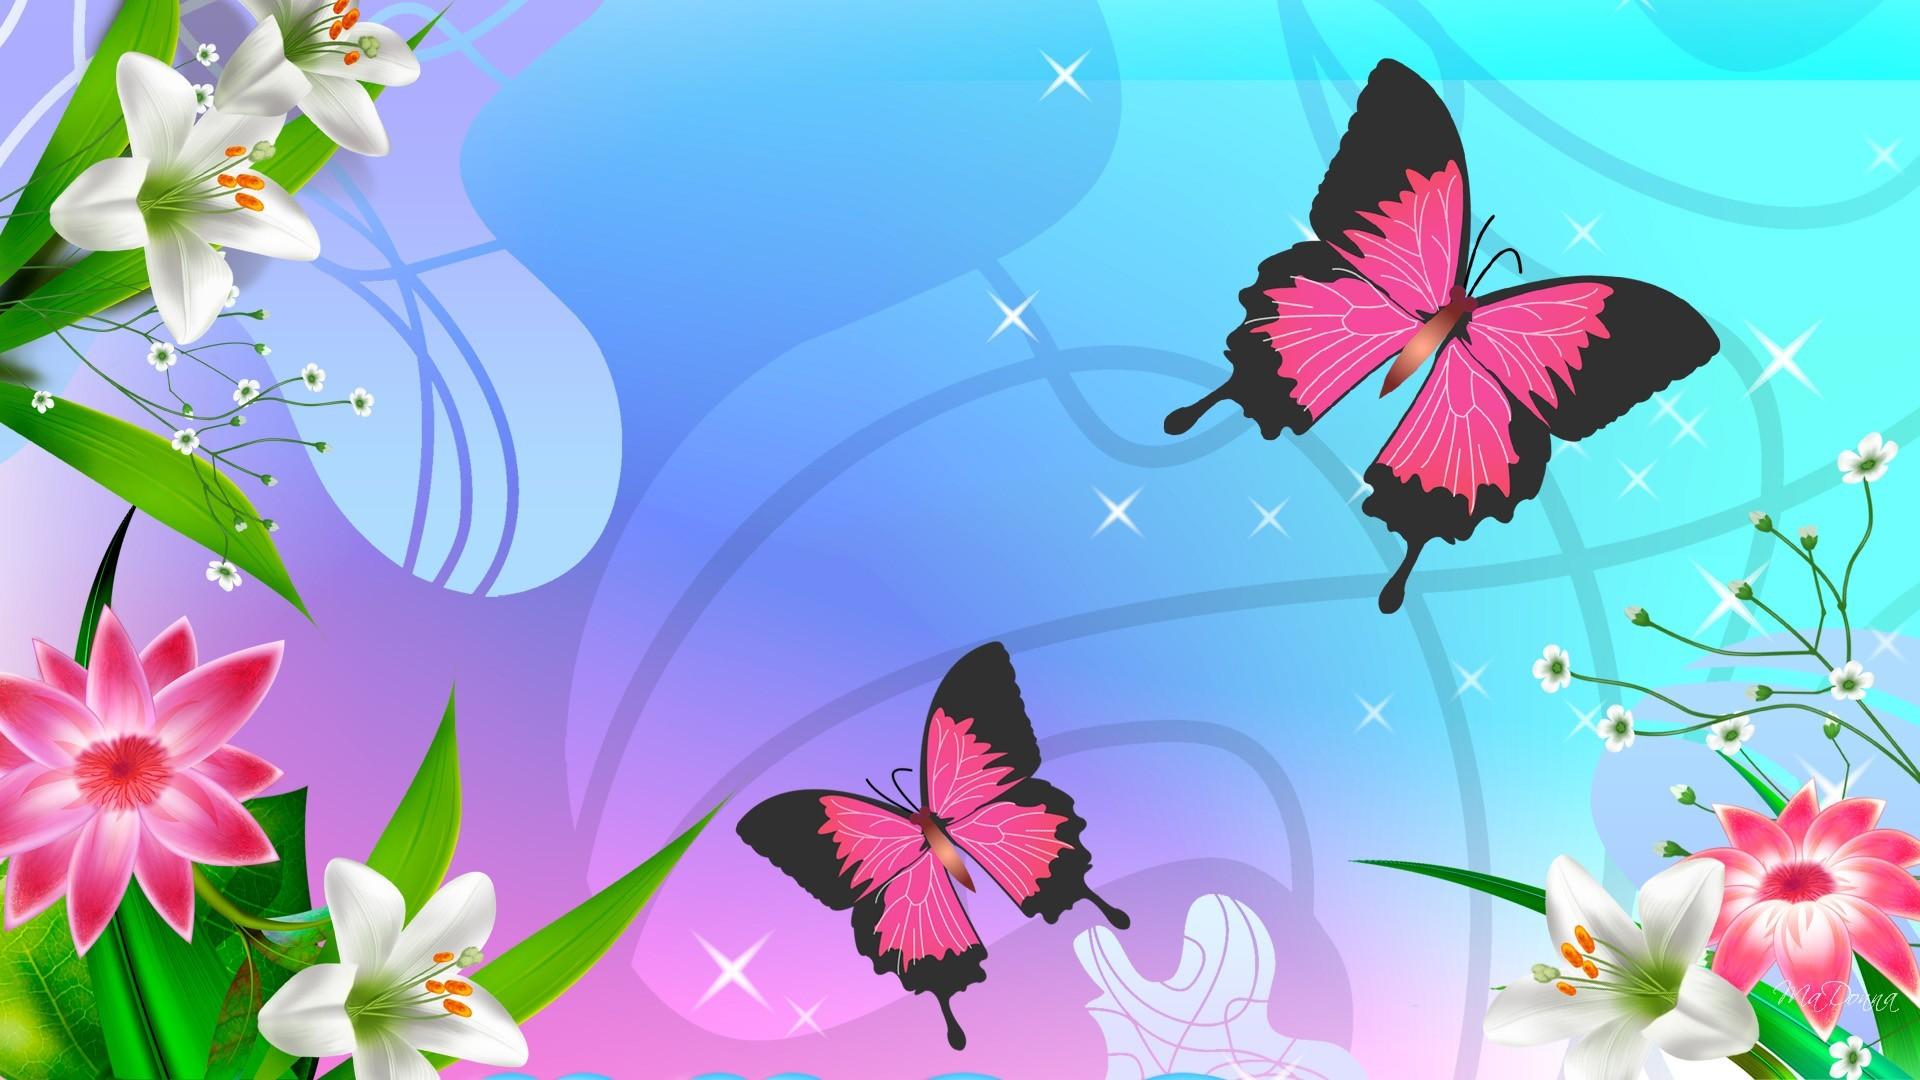 Butterfly Cartoons Wallpaper 11010 Wallpaper Cool Walldiskpapercom 1920x1080